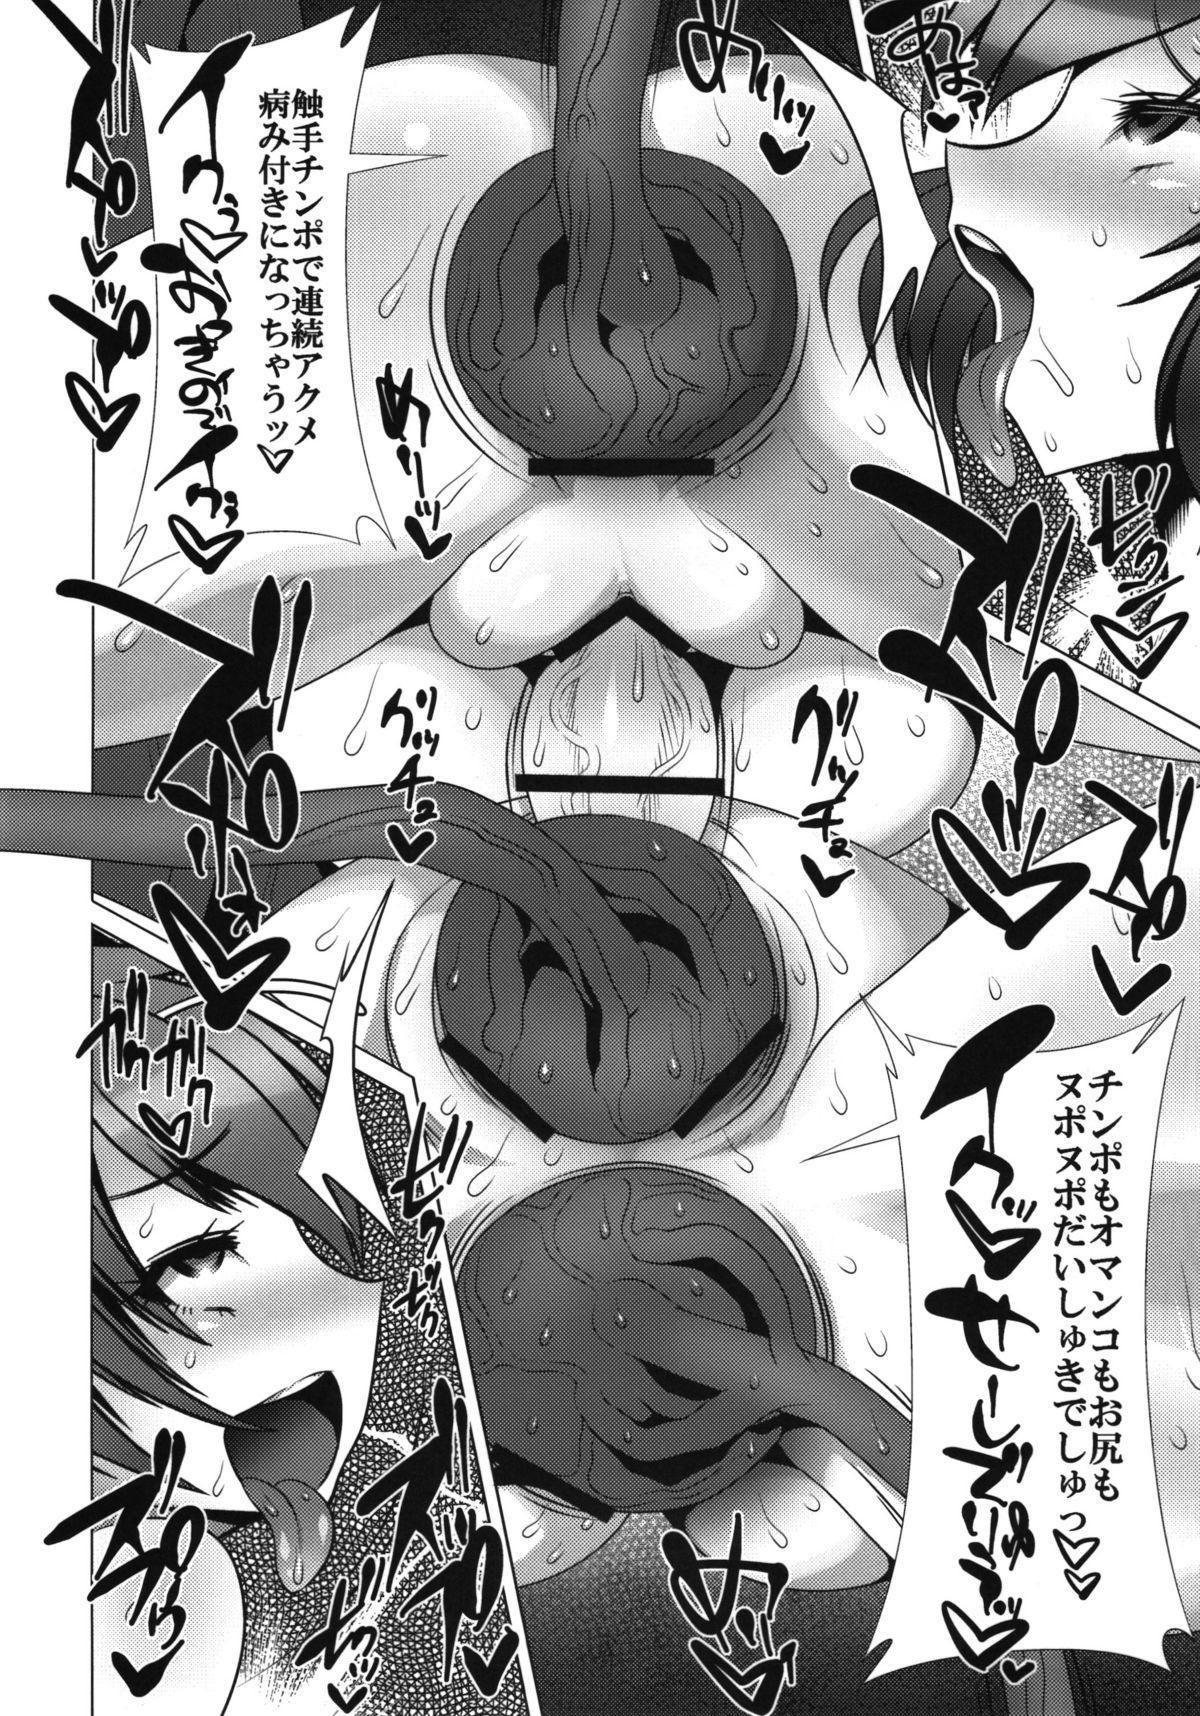 Touhou Gensoushoku 31